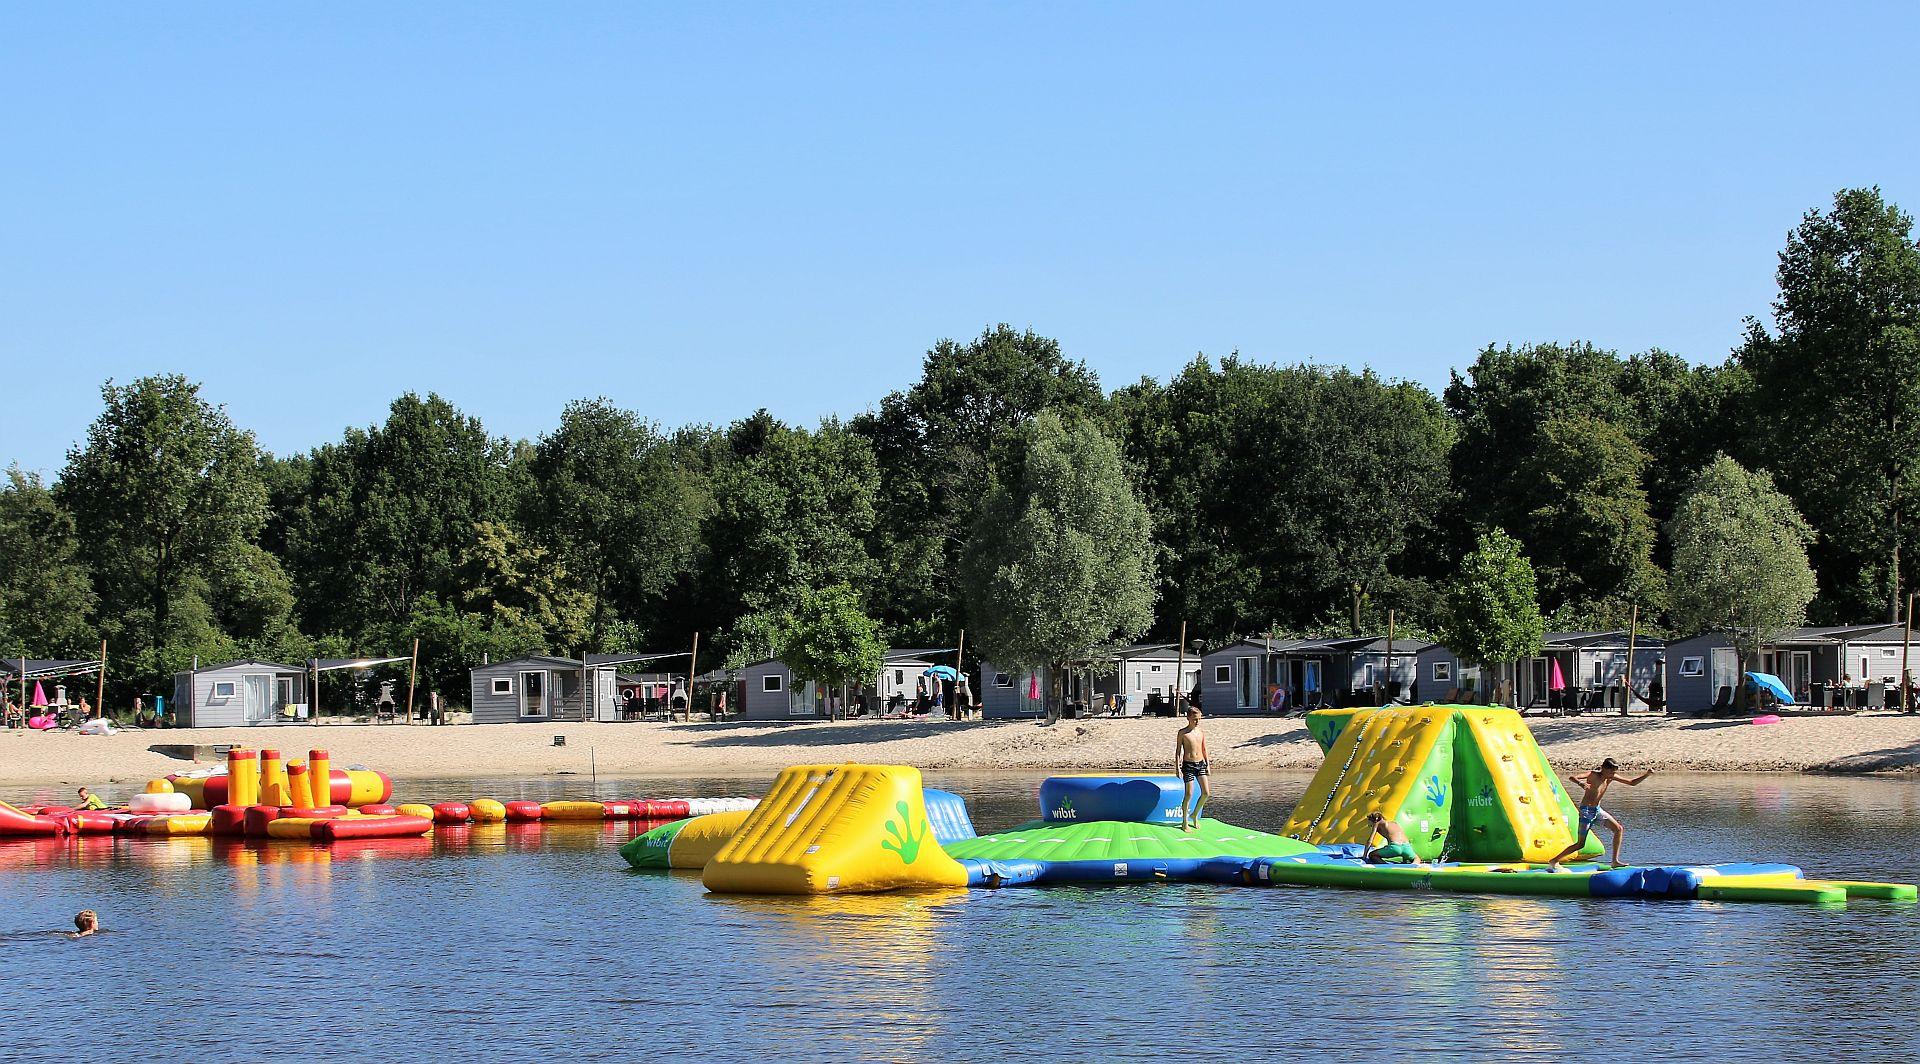 Vakantiepark in Overijssel met ANWB 5 sterren - vakantiepark in Overijssel